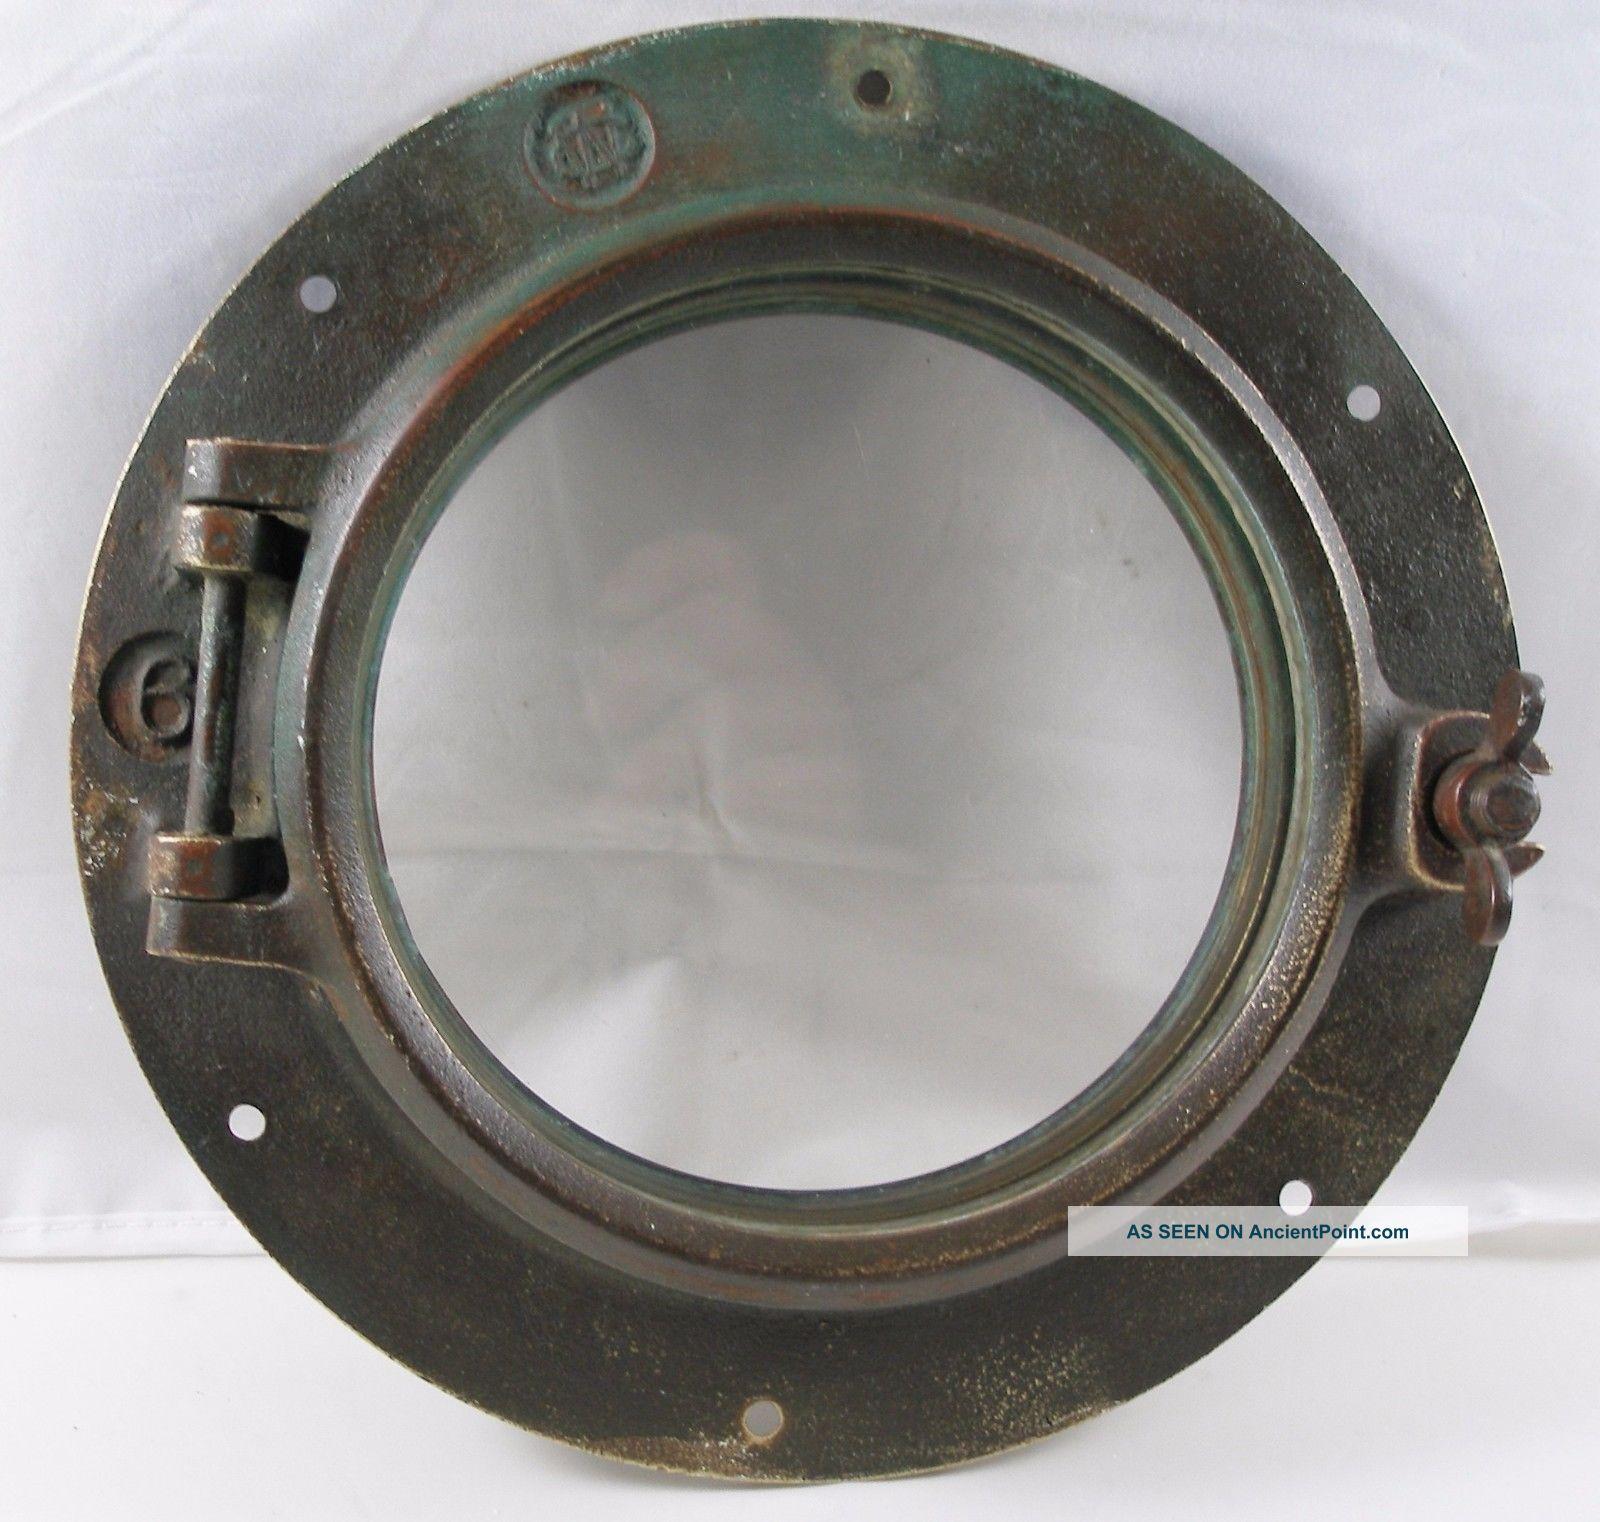 Antique Bronze Porthole,  Salvaged Porthole Nautical Wc 6 Porthole Portholes photo